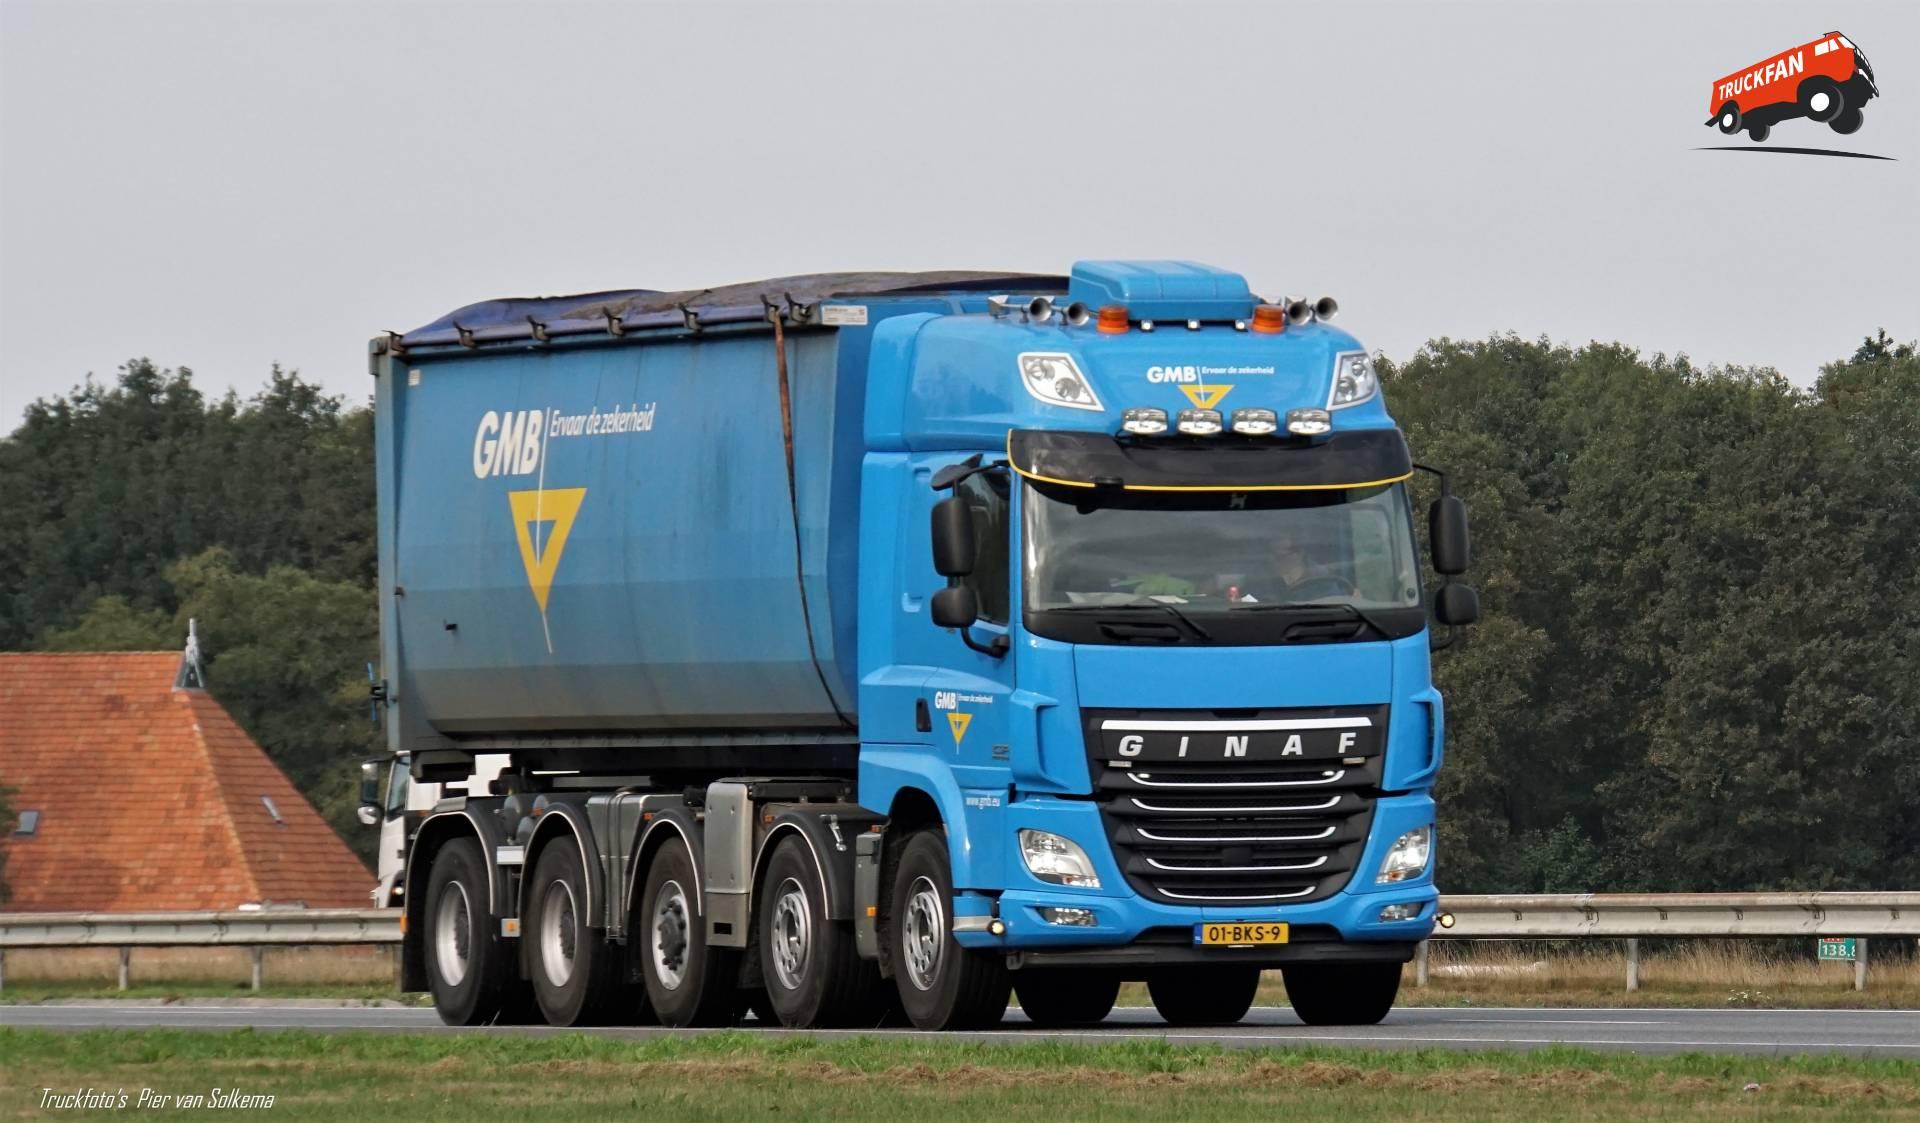 GINAF X6 5250-CTSE